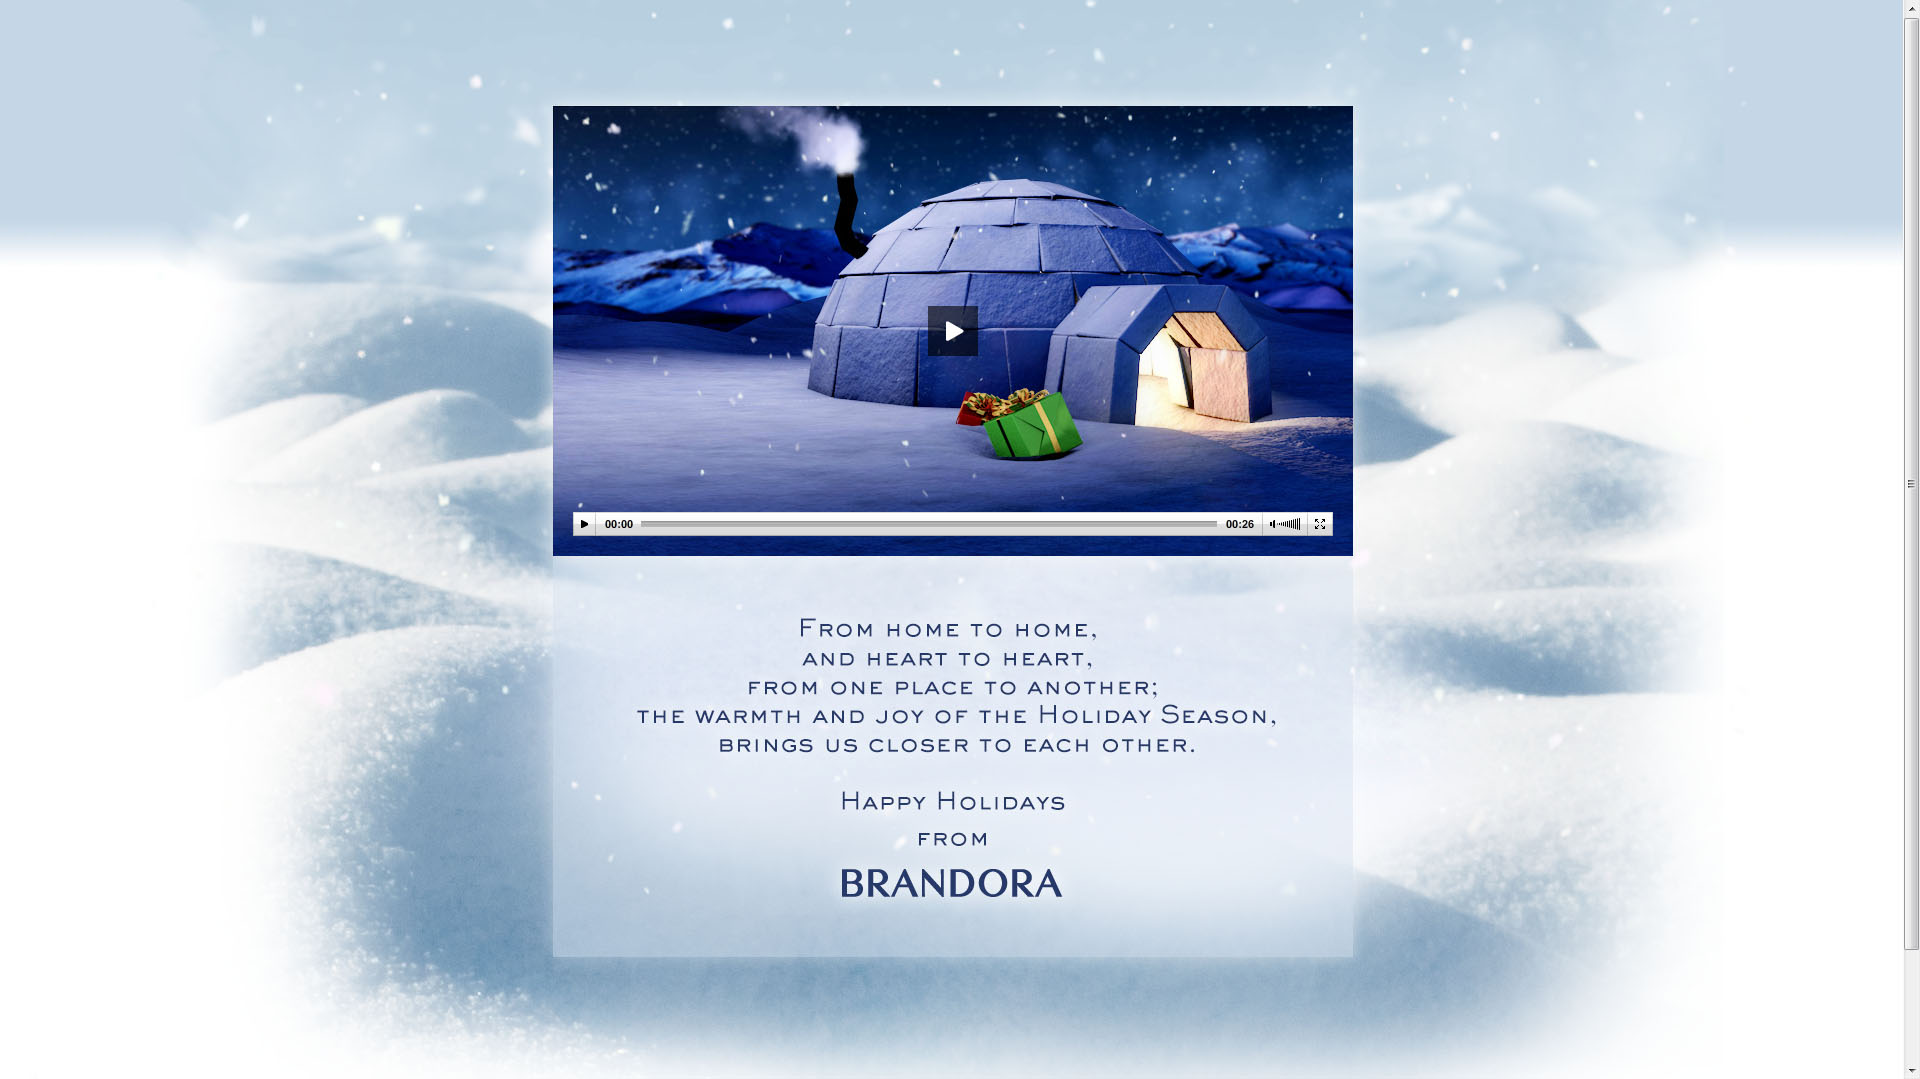 Brandora Christmas Ecard 2012 Landing Page